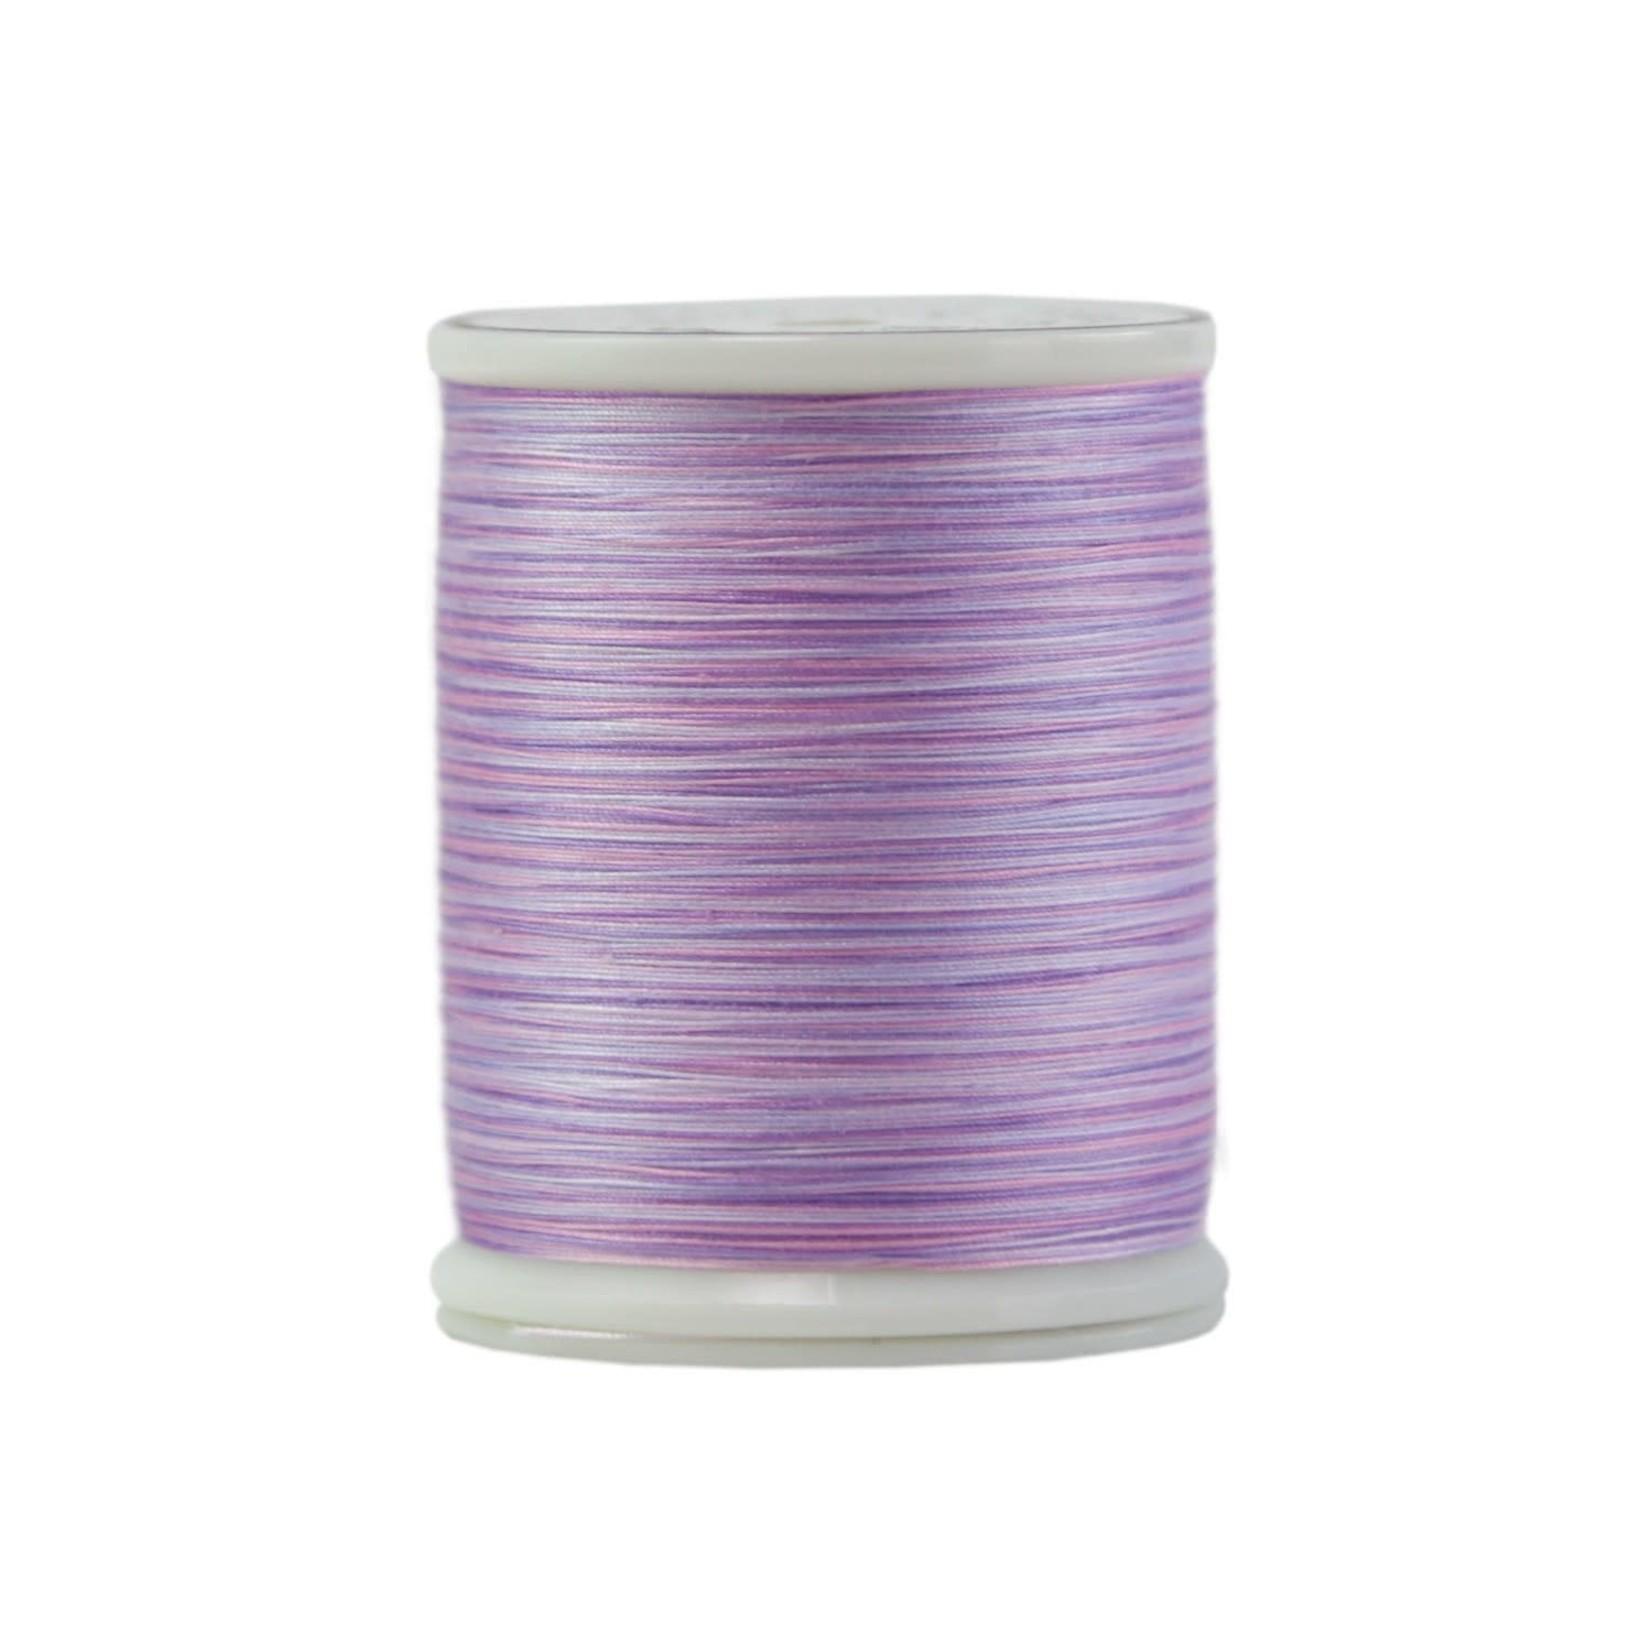 Superior Threads King Tut - #40 - 457 m - 1067 Waterlily